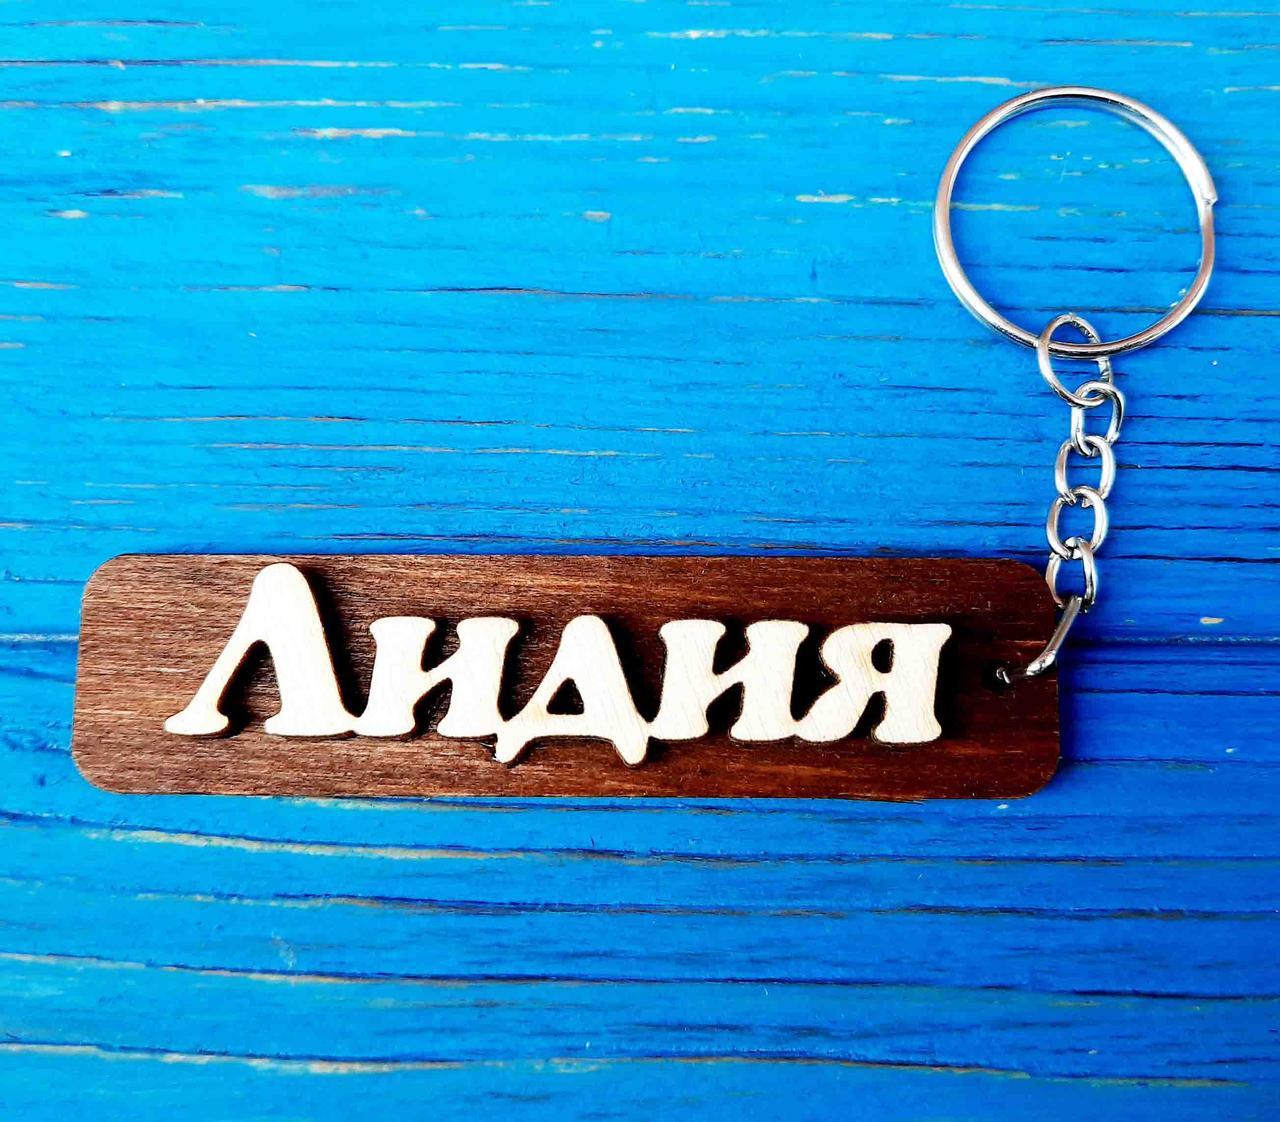 Брелок іменний Лідія. Брелок з ім'ям Лідія. Брелок дерев'яний. Брелок для ключів. Брелоки з іменами